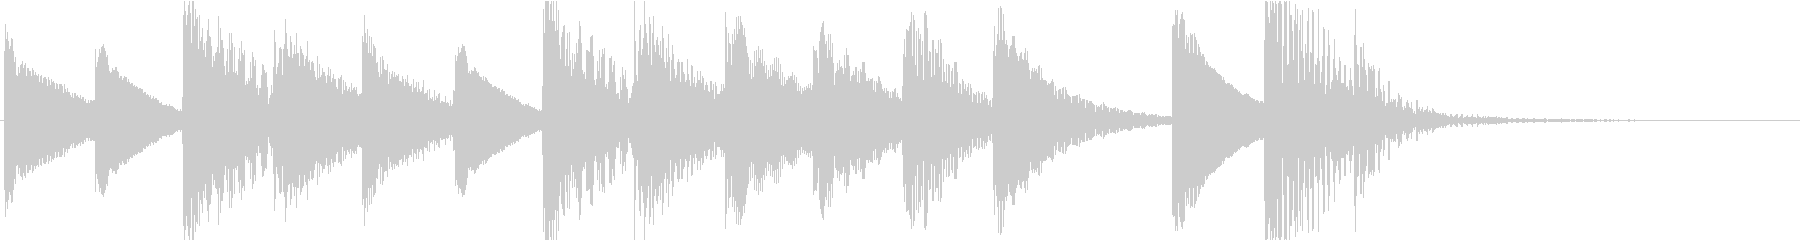 マリンバのほのぼのとしたジングル3の未再生の波形